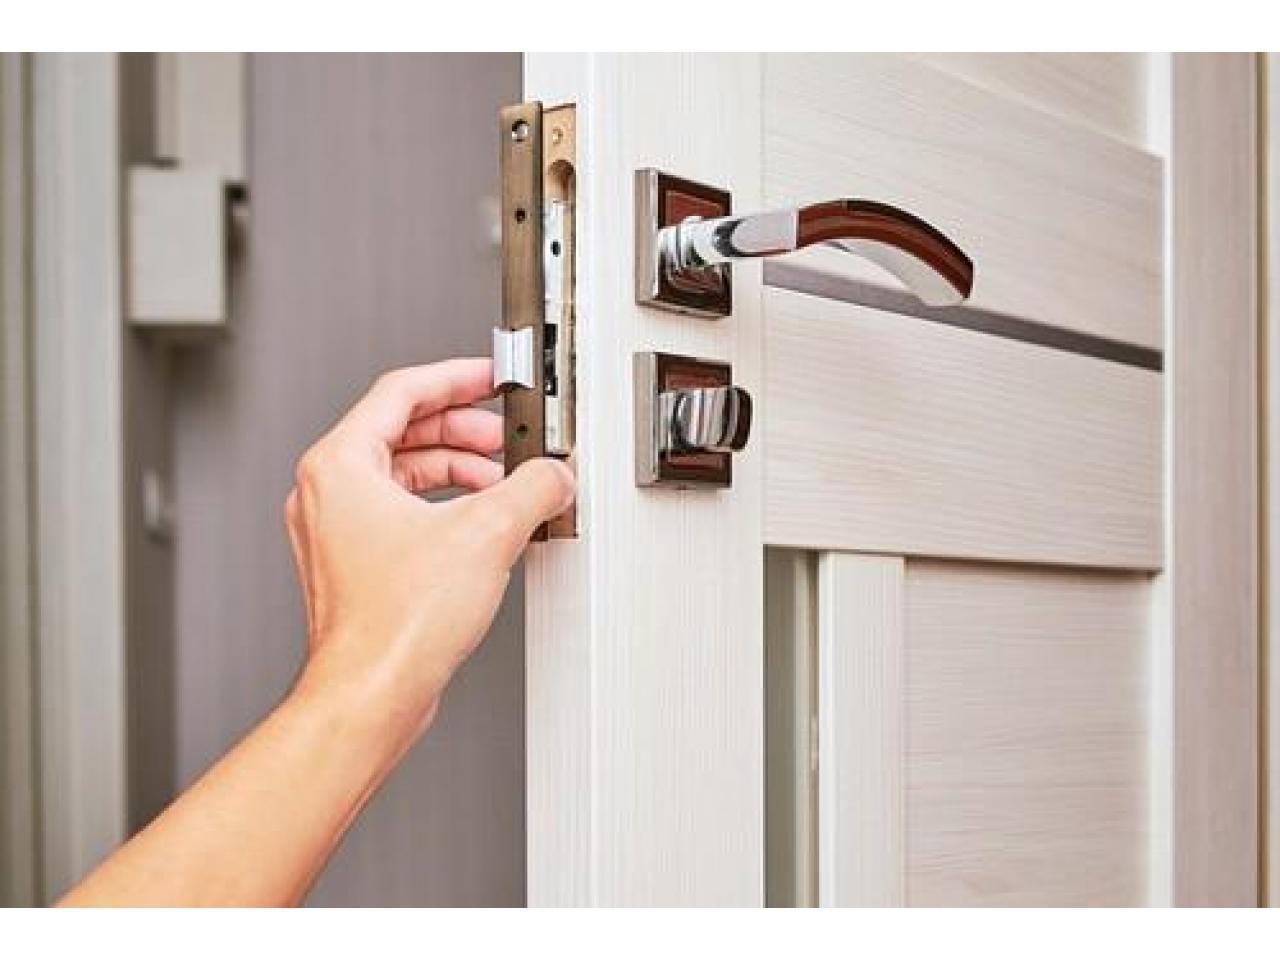 Locksmith Services Аварийная служба, открытия и при необходимости замена замков - 5